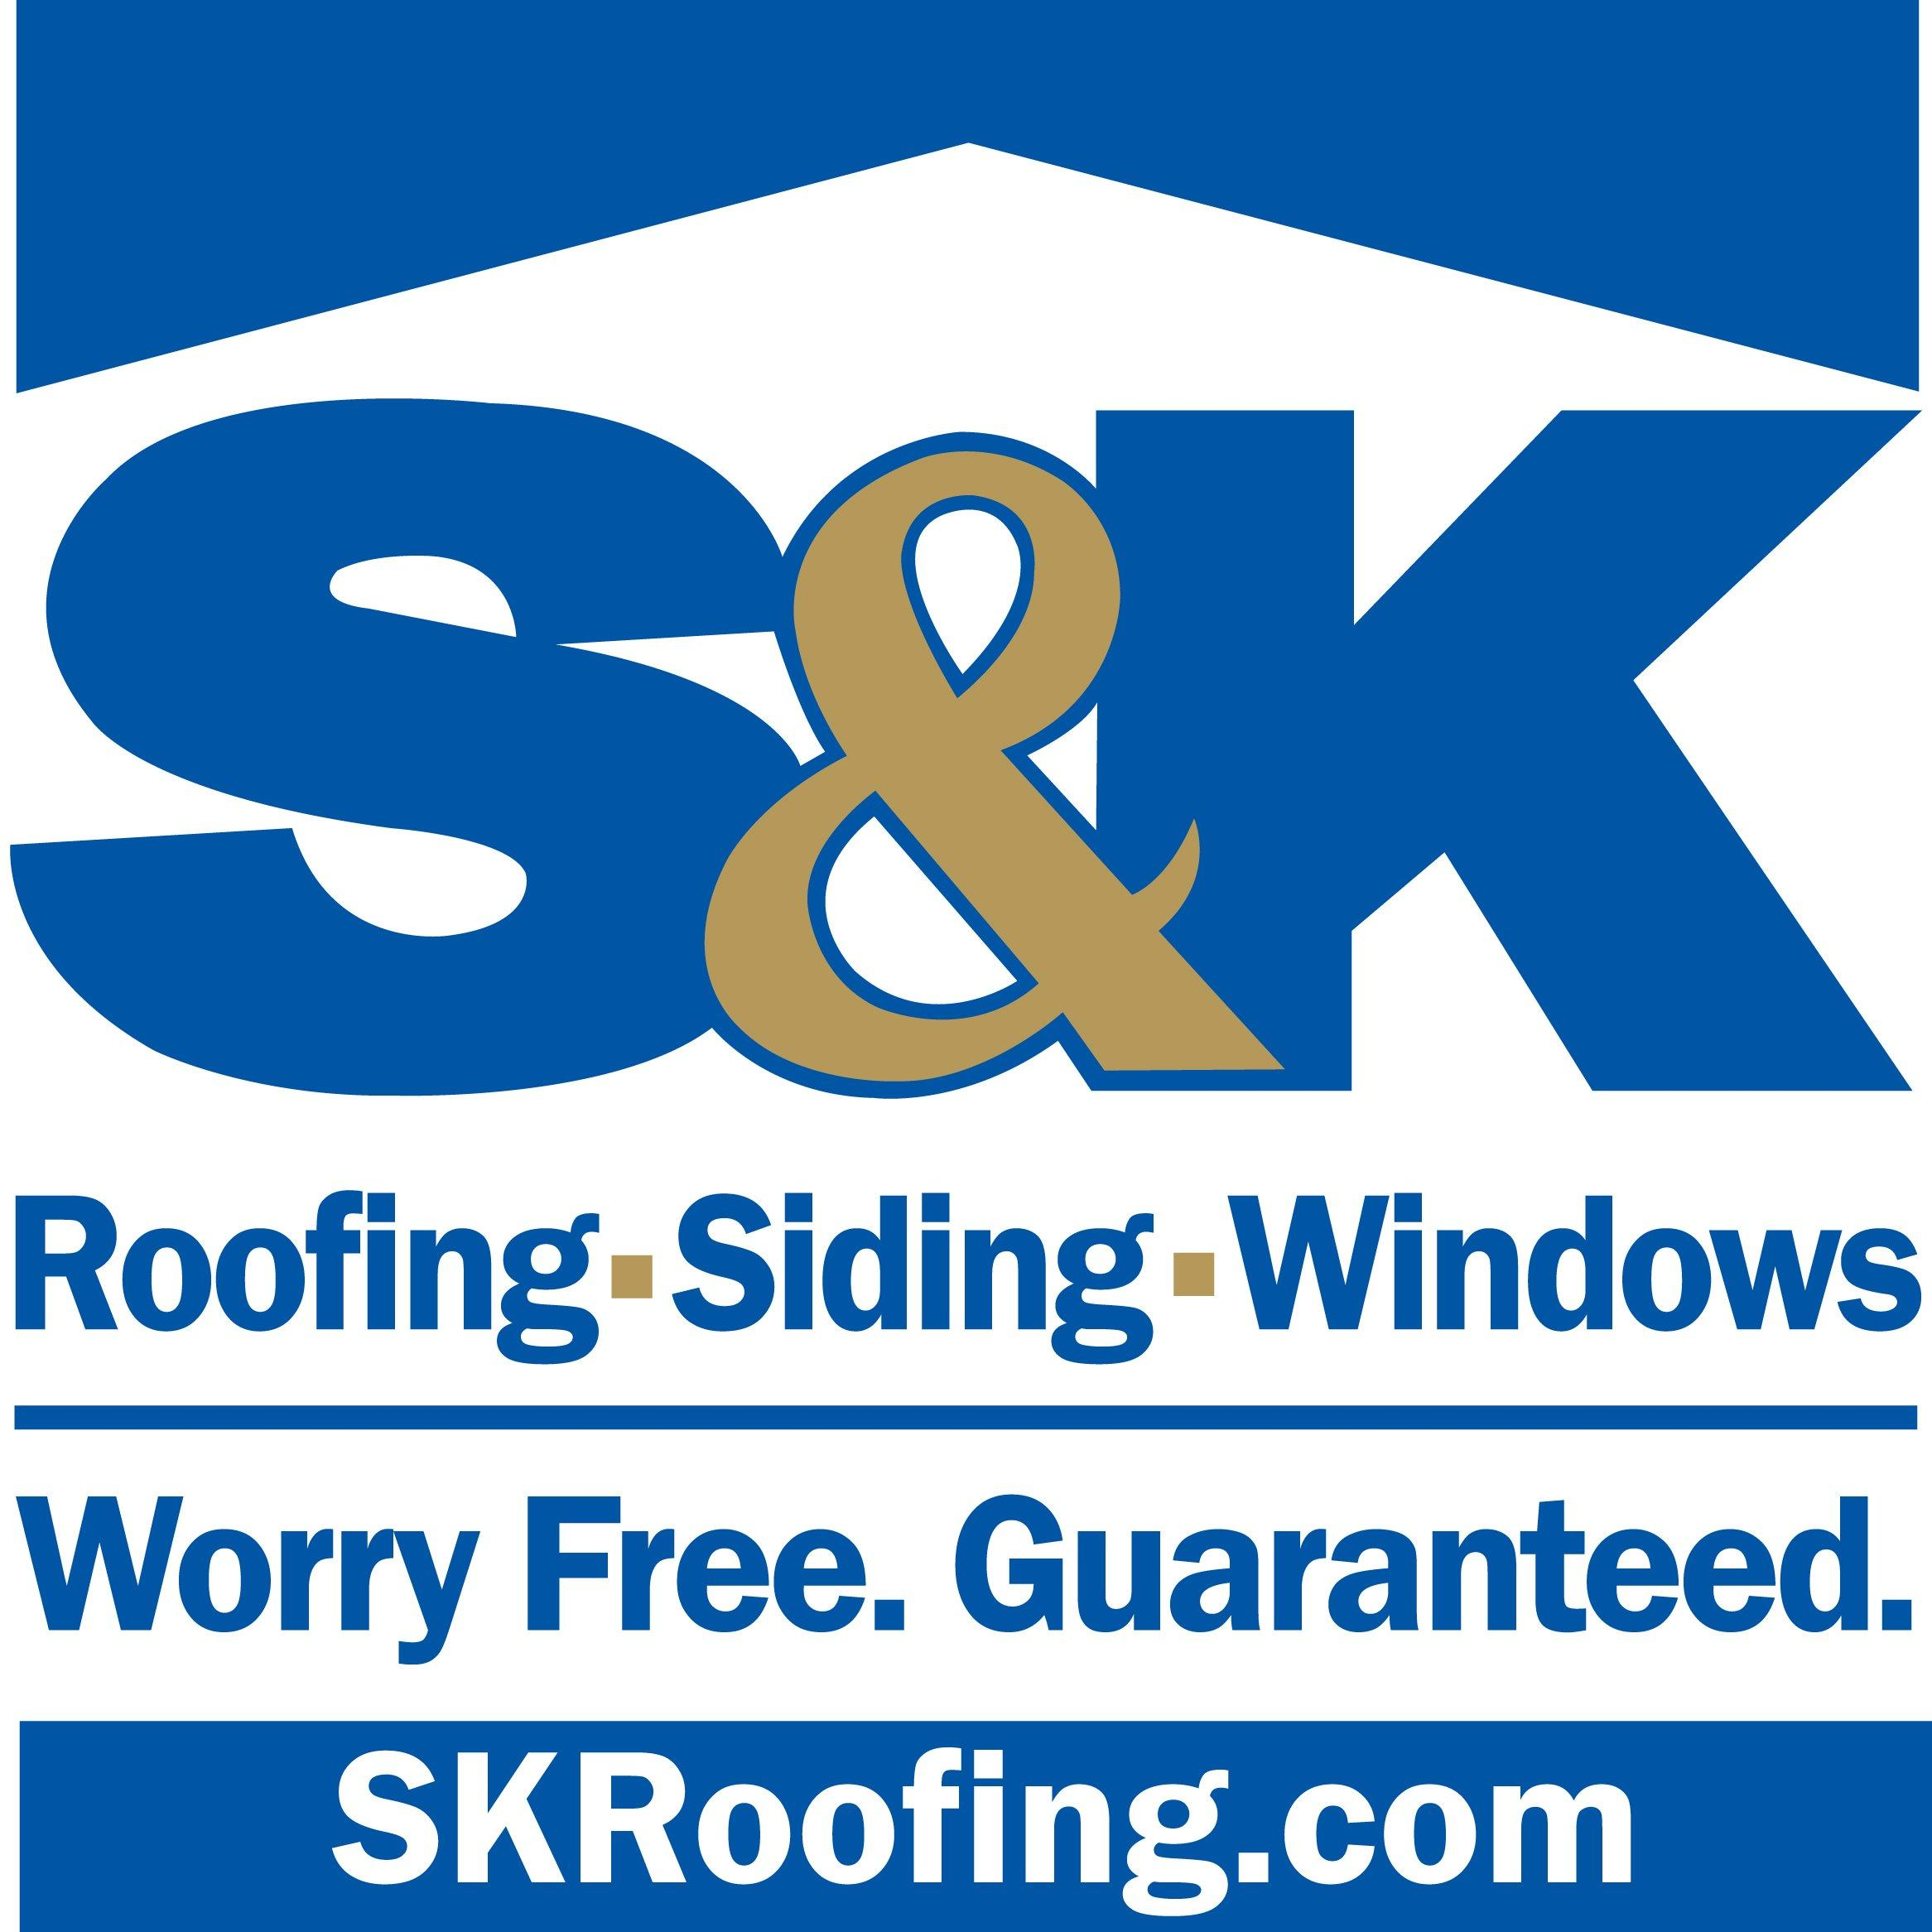 S&K Roofing, Siding and Windows - Eldersburg, MD - Roofing Contractors